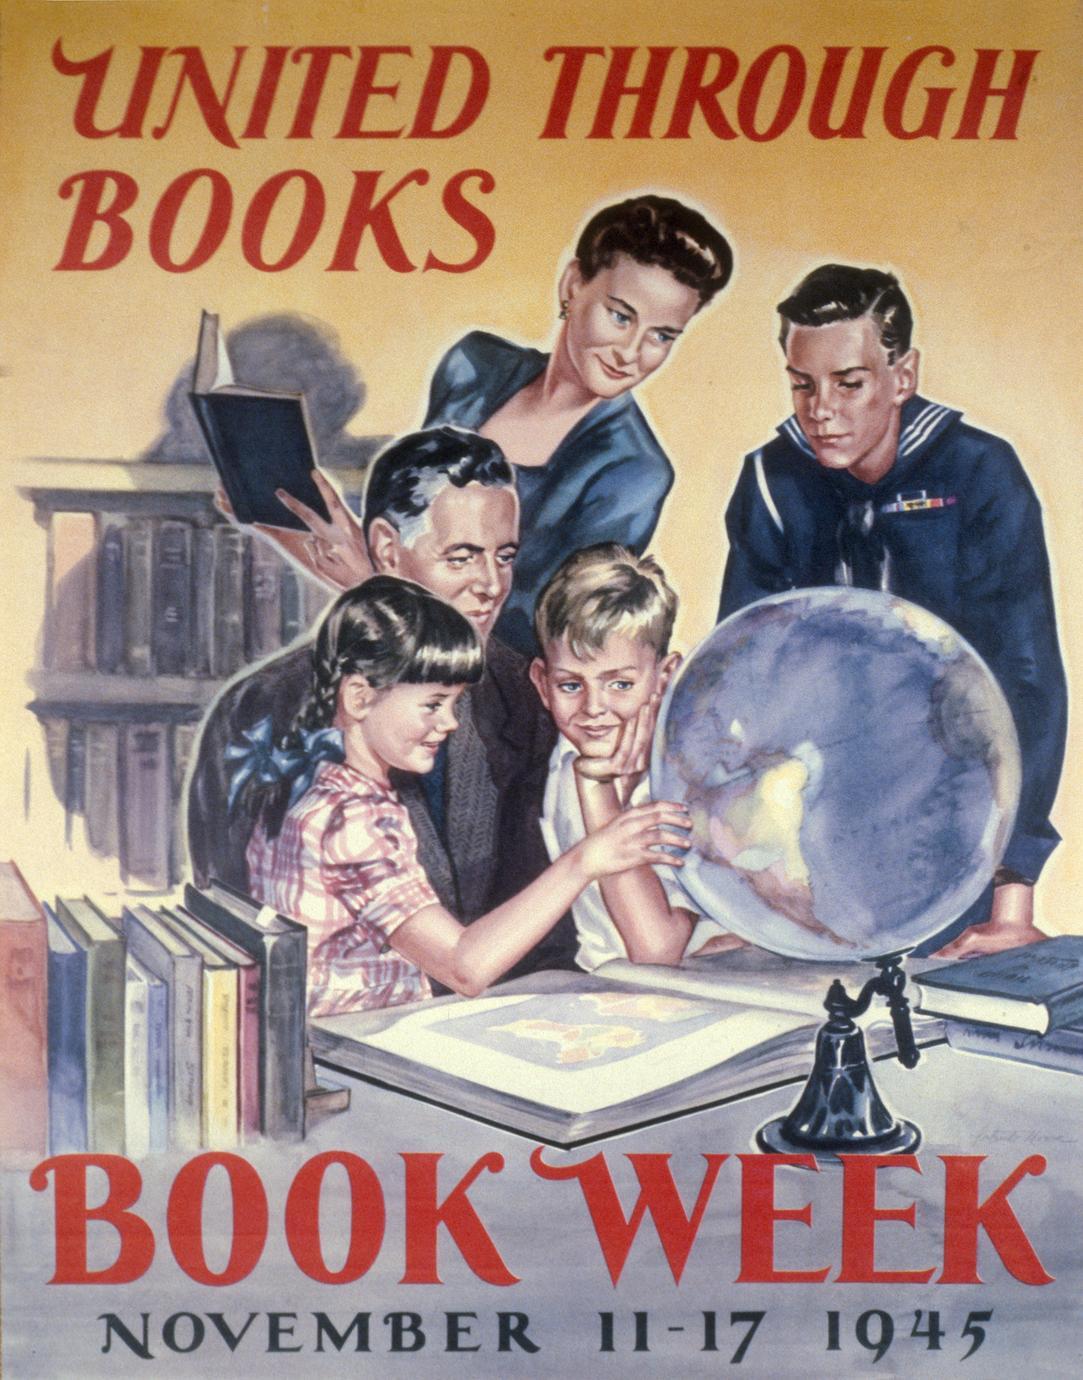 United through books